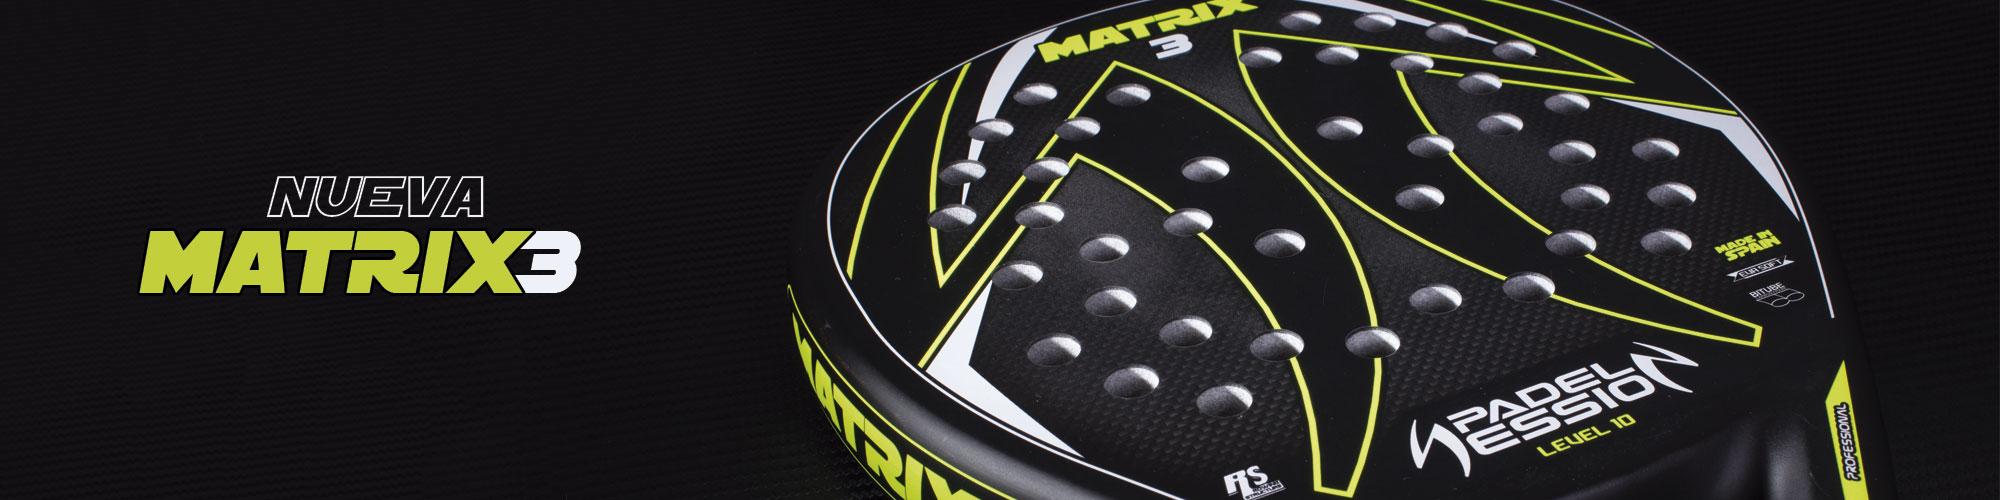 nueva-matrix3